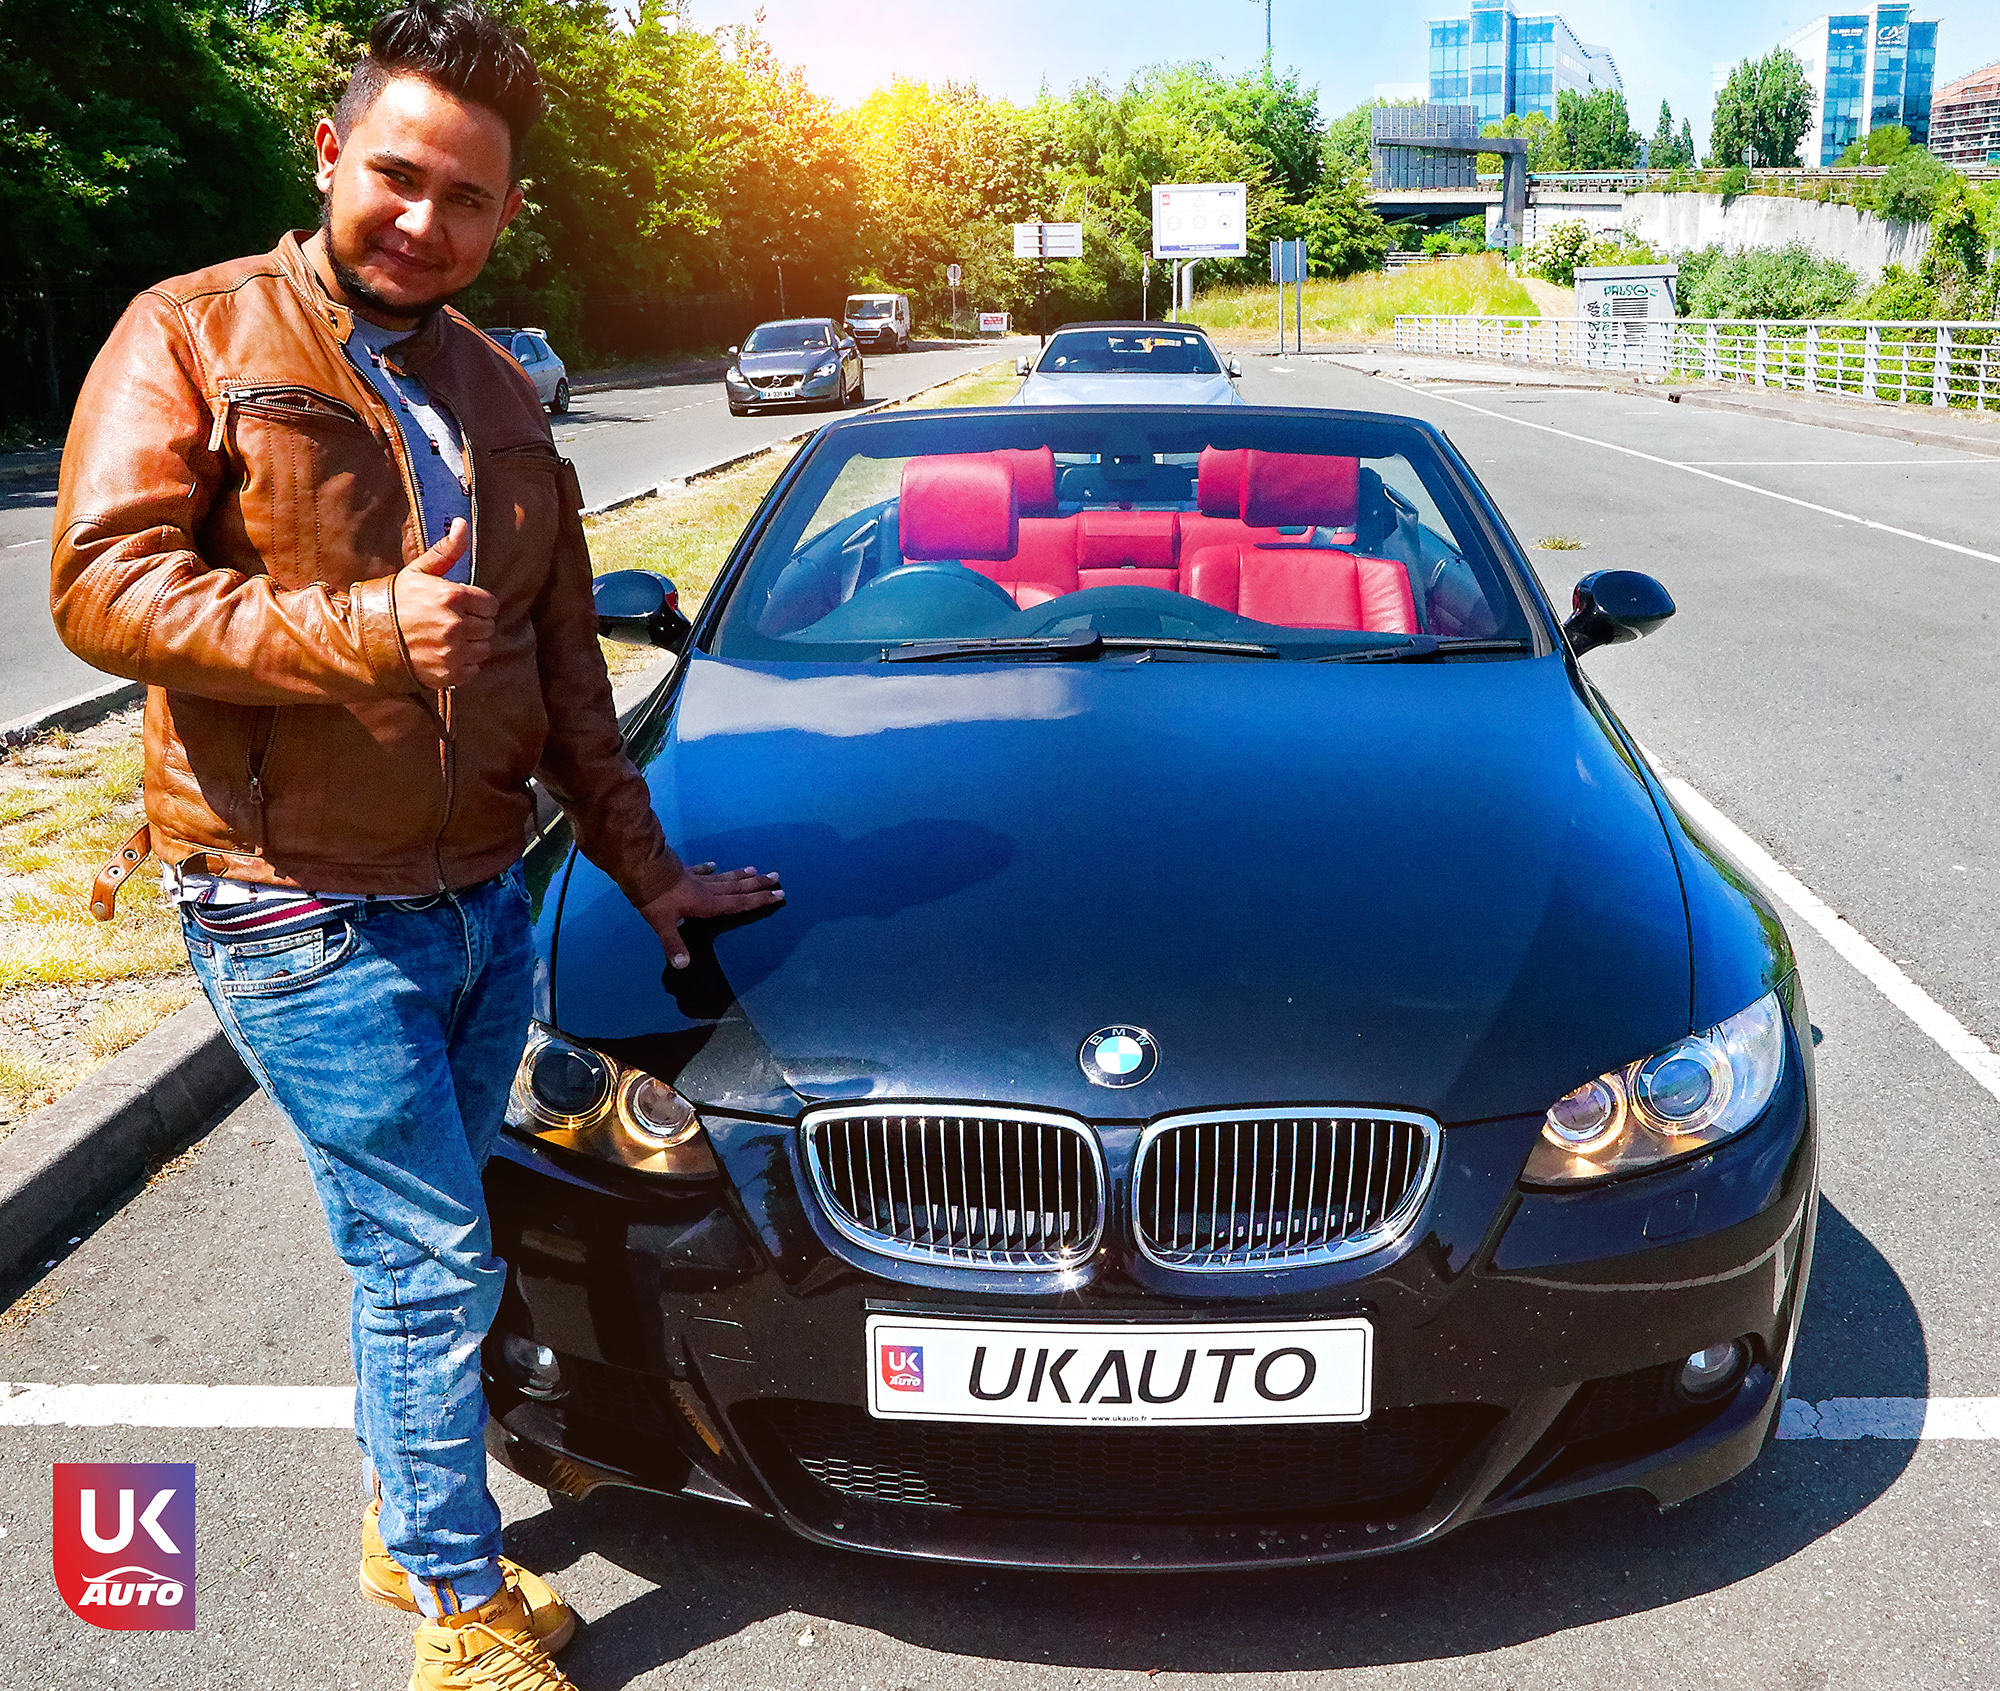 IMG 4787 DxO - Felecitation a Jeremie pour cette BMW 335i cabriolet RHD PACK M IMPORT AUTO ANGLAISE